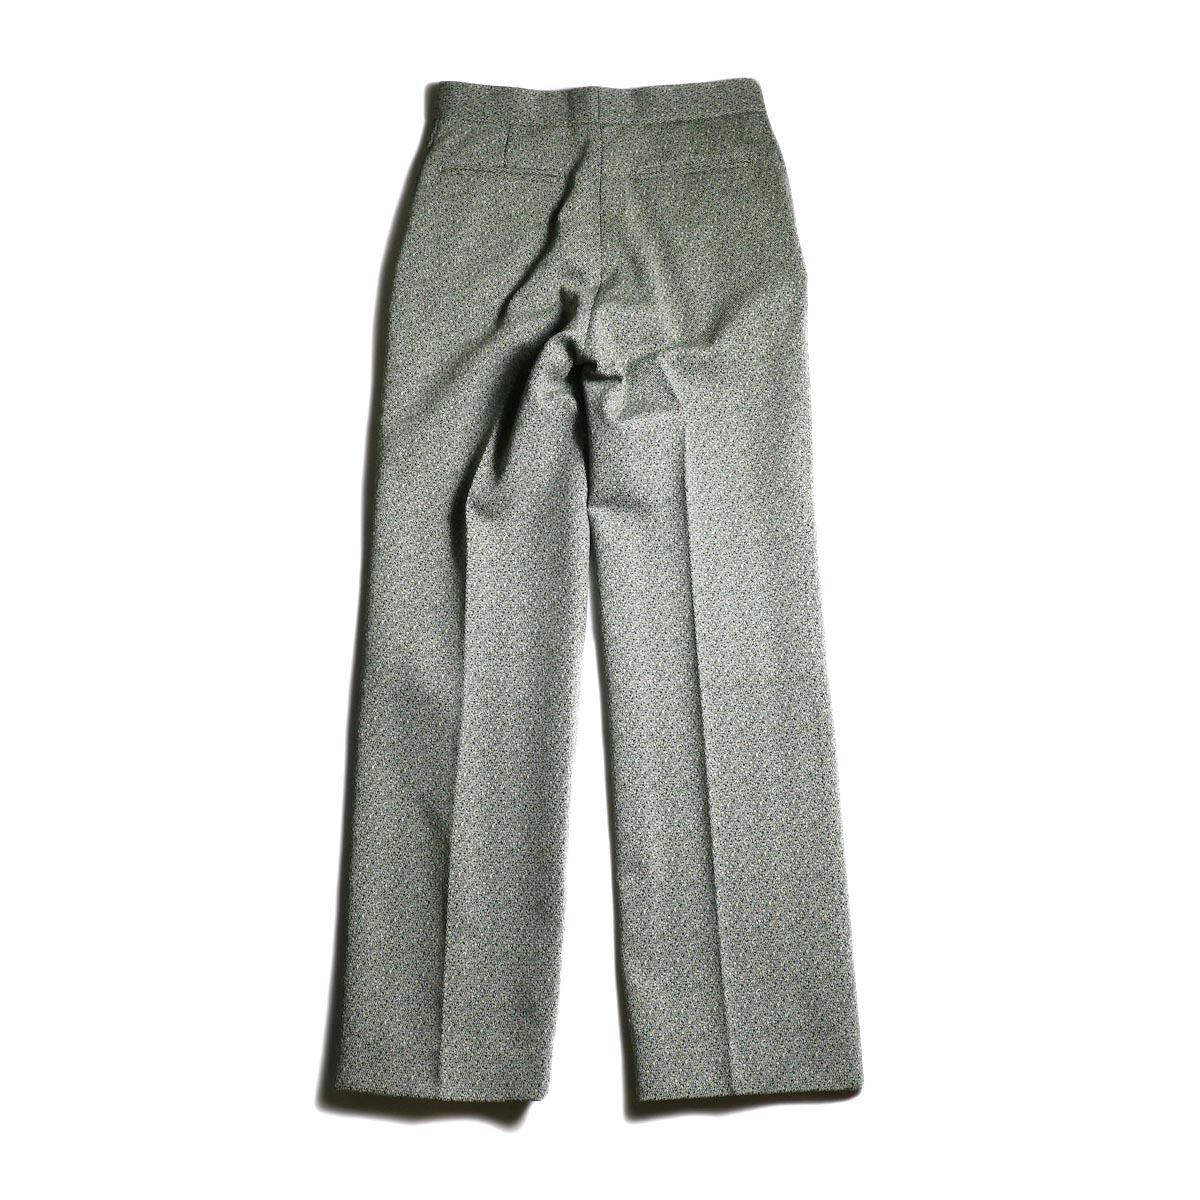 FUMIKA UCHIDA / Poli Tweed Straight Slacks -Green 背面